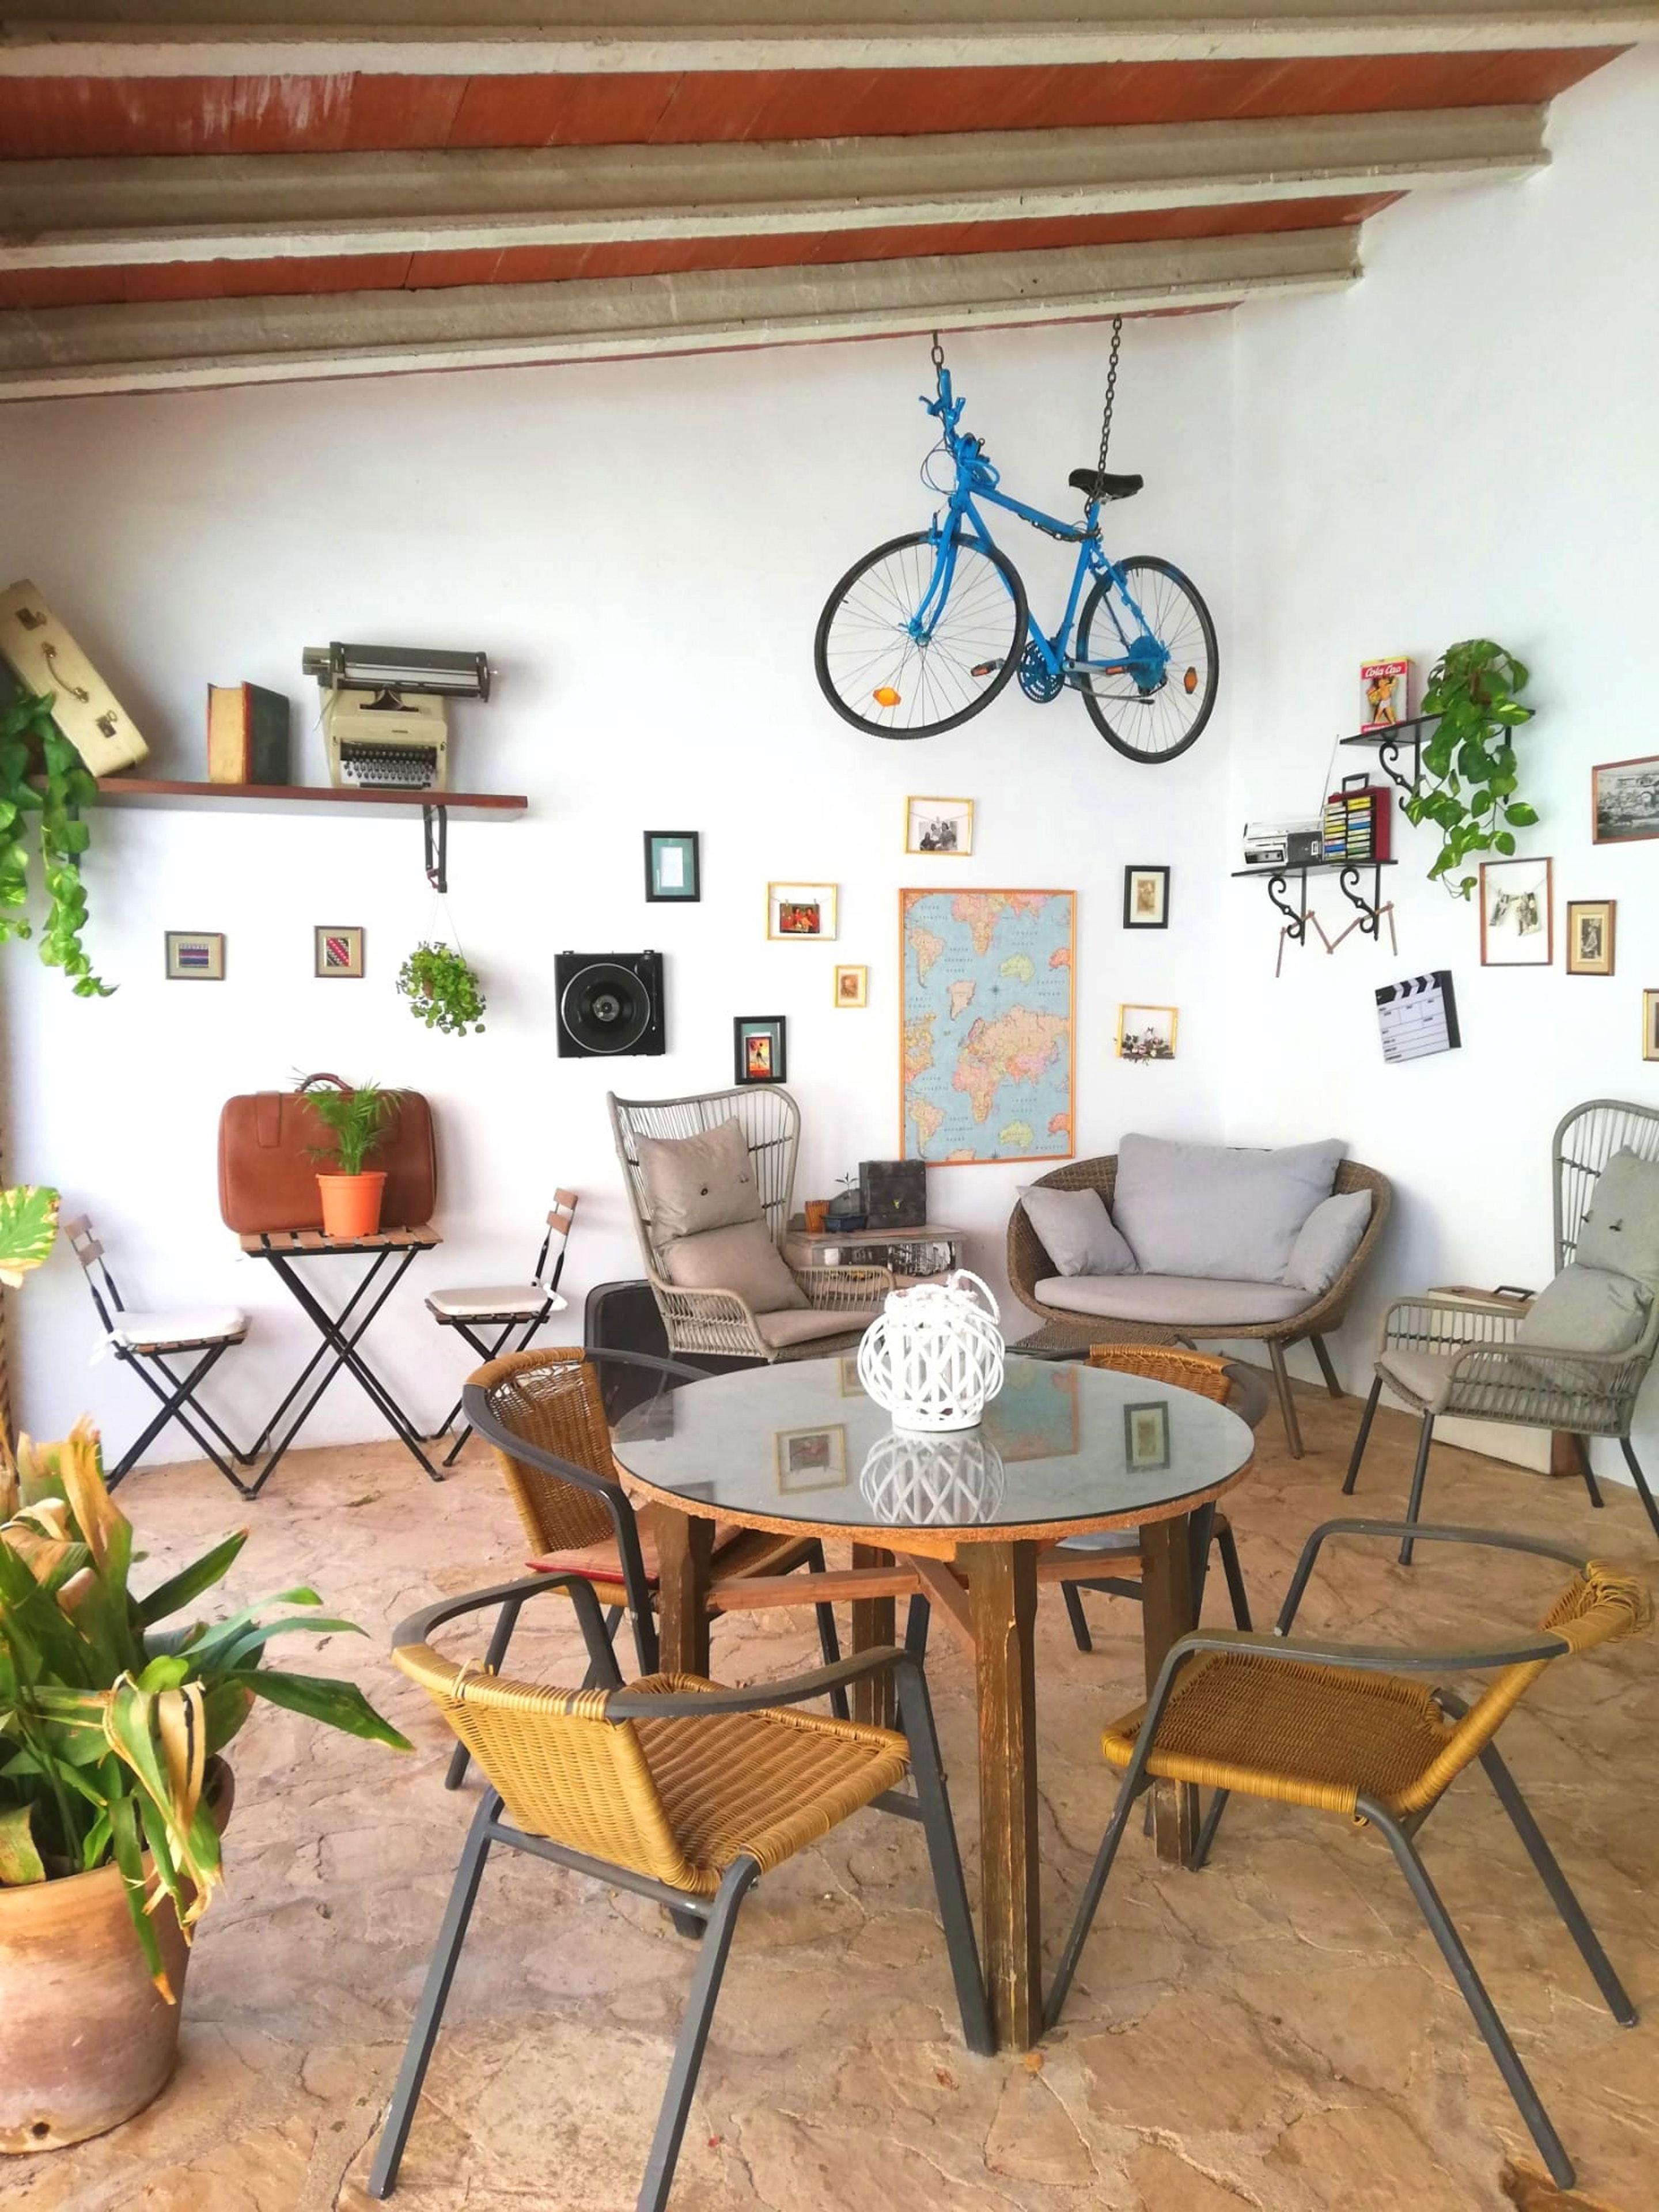 Ferienhaus Villa mit 5 Schlafzimmern in Antequera mit privatem Pool, eingezäuntem Garten und W-LAN (2420315), Antequera, Malaga, Andalusien, Spanien, Bild 3